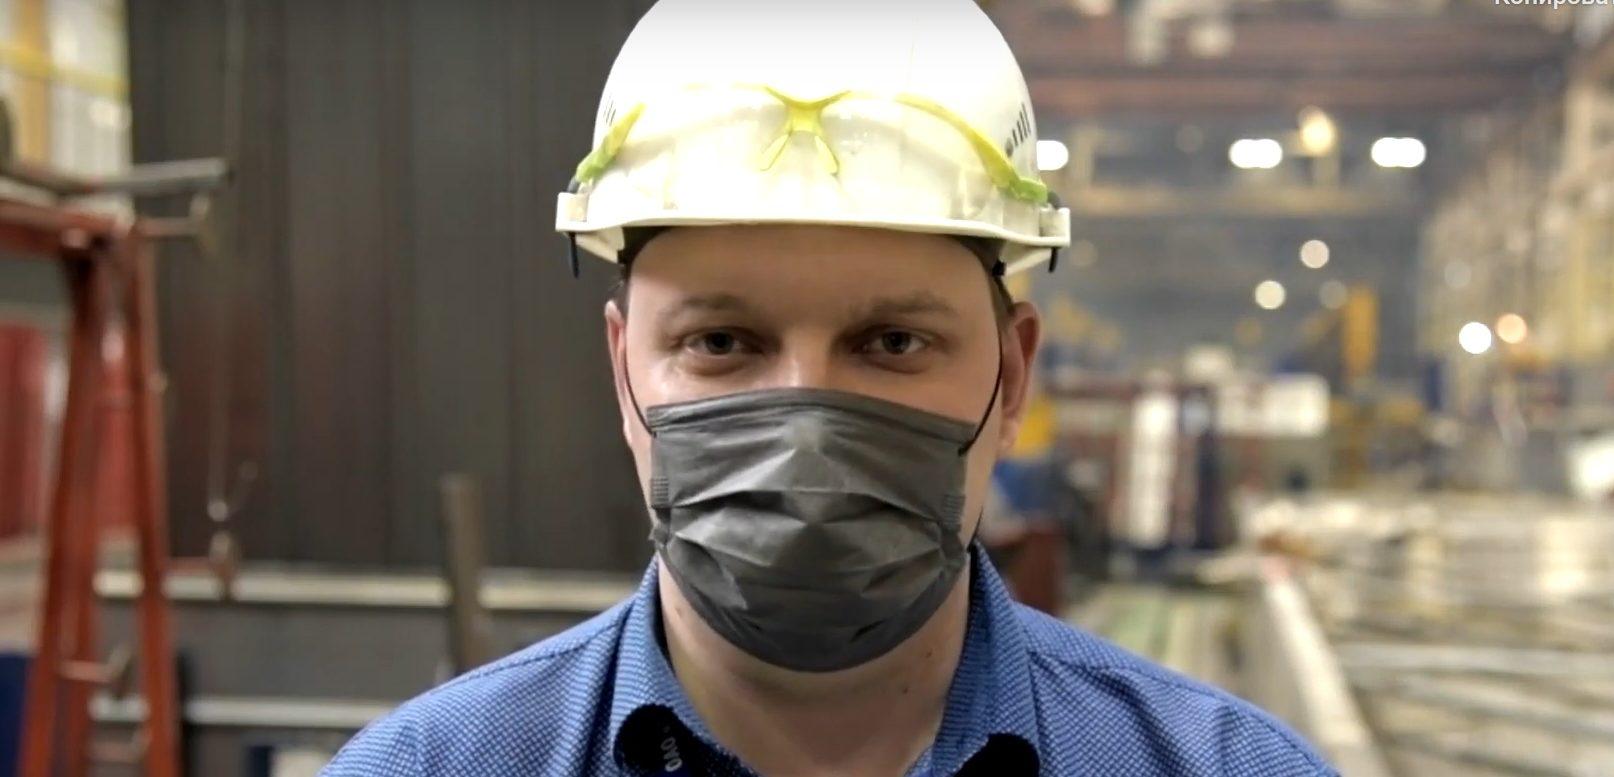 В Тверской области работники предприятий призывают остаться дома